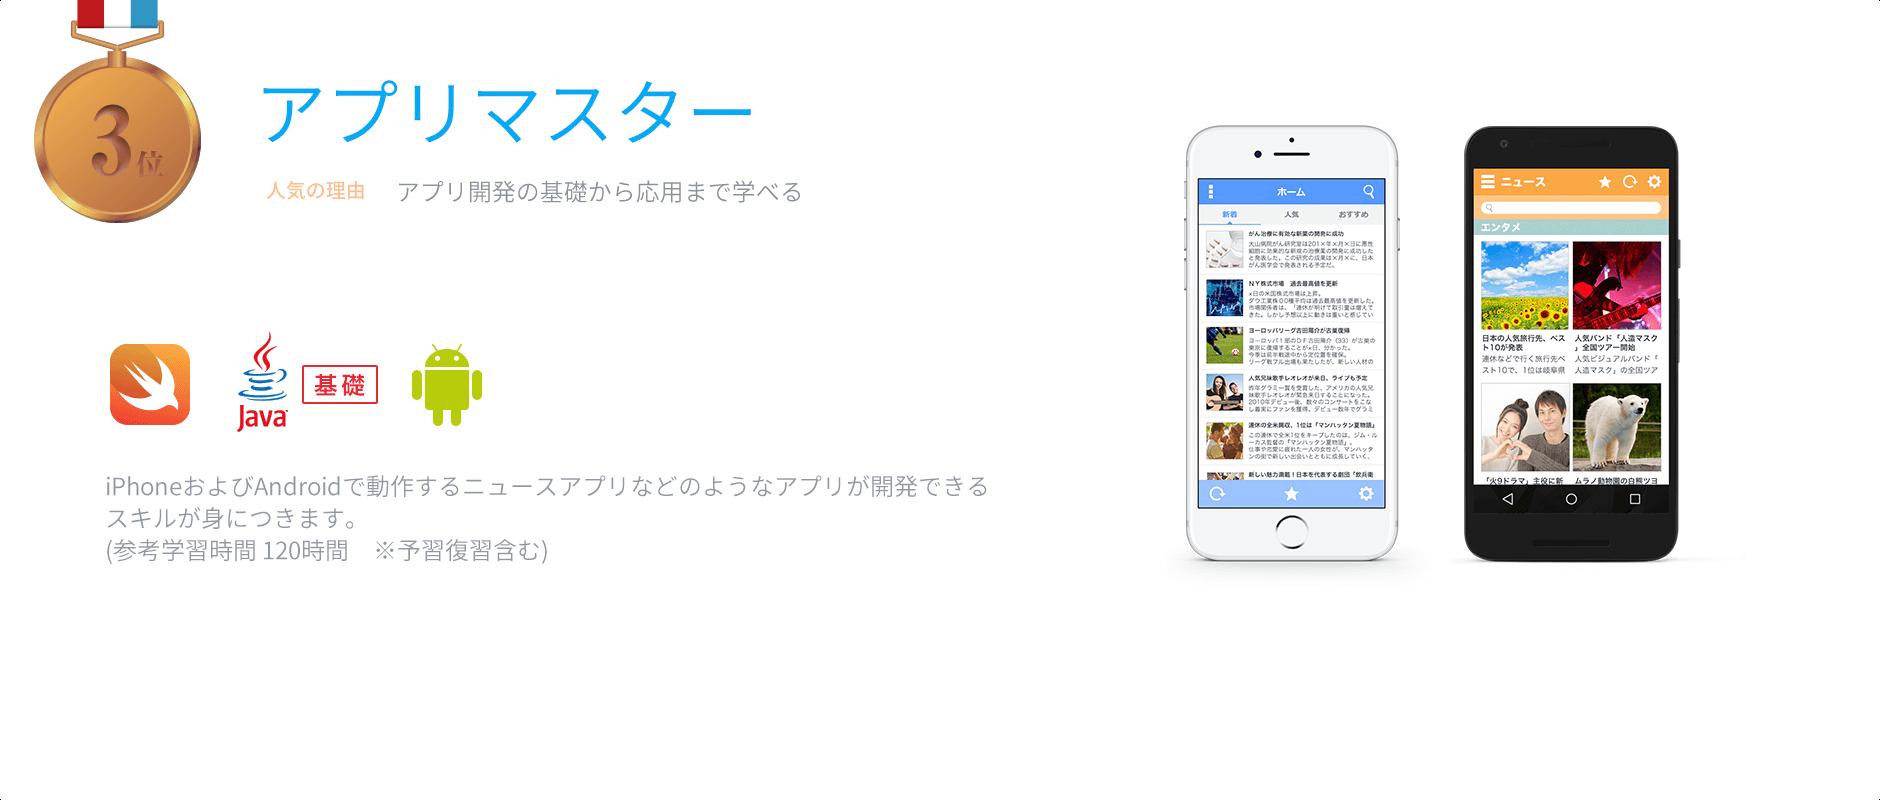 3位 アプリマスター